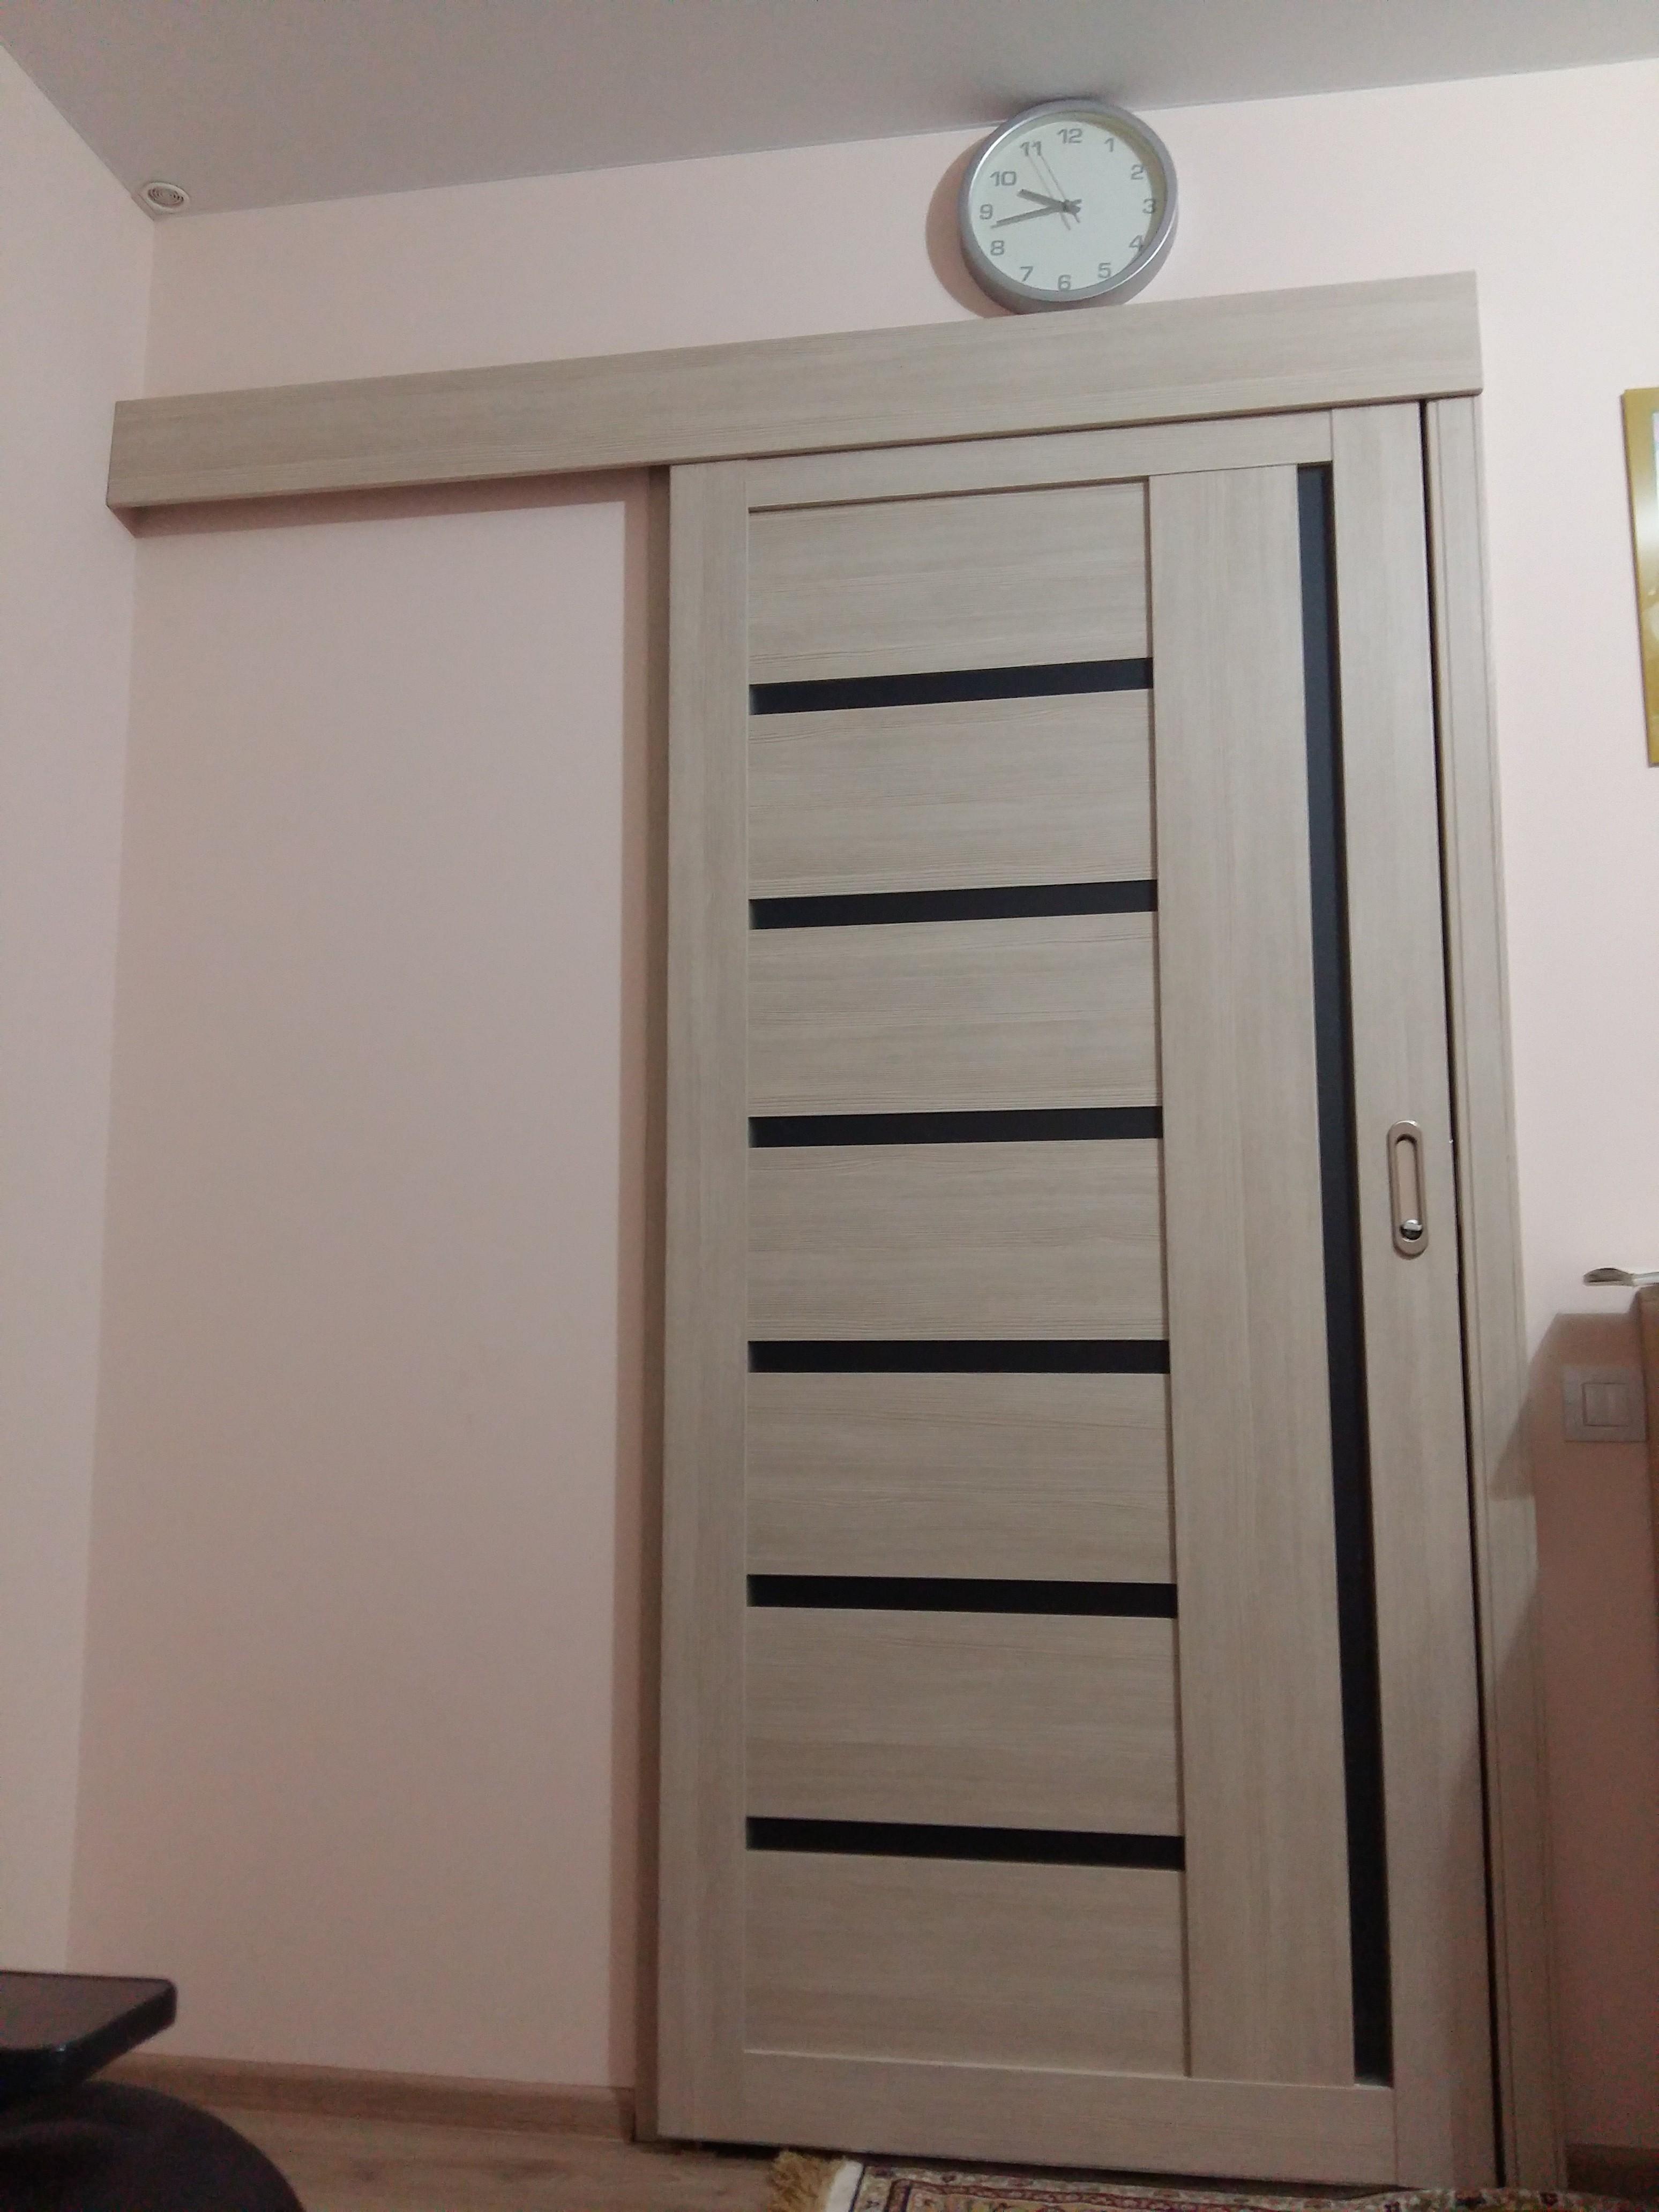 Дверь Фрегат ALBERO Мадрид, стекло матовое, цвет лиственница мокко, остекленная